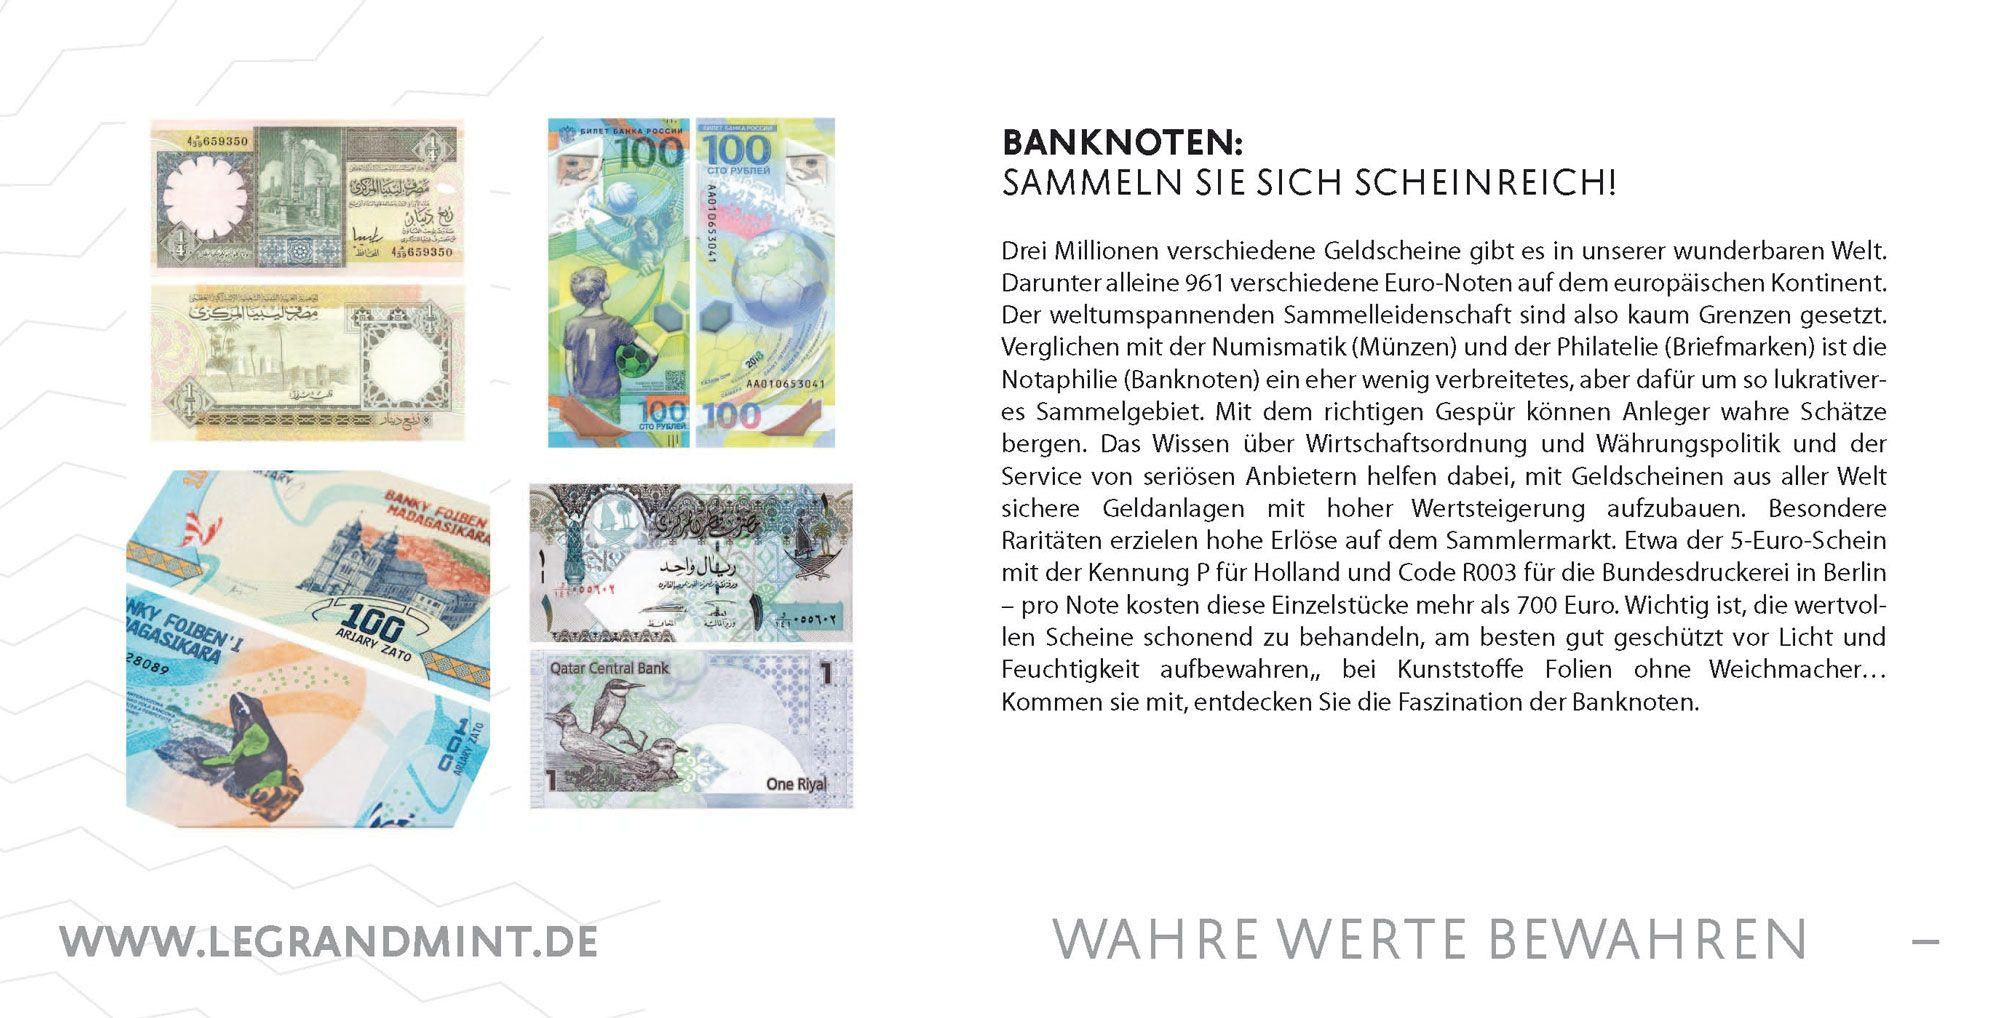 Banknoten Sammeln Sie Sich Scheinreich Geldscheine Sammeln Briefmarken